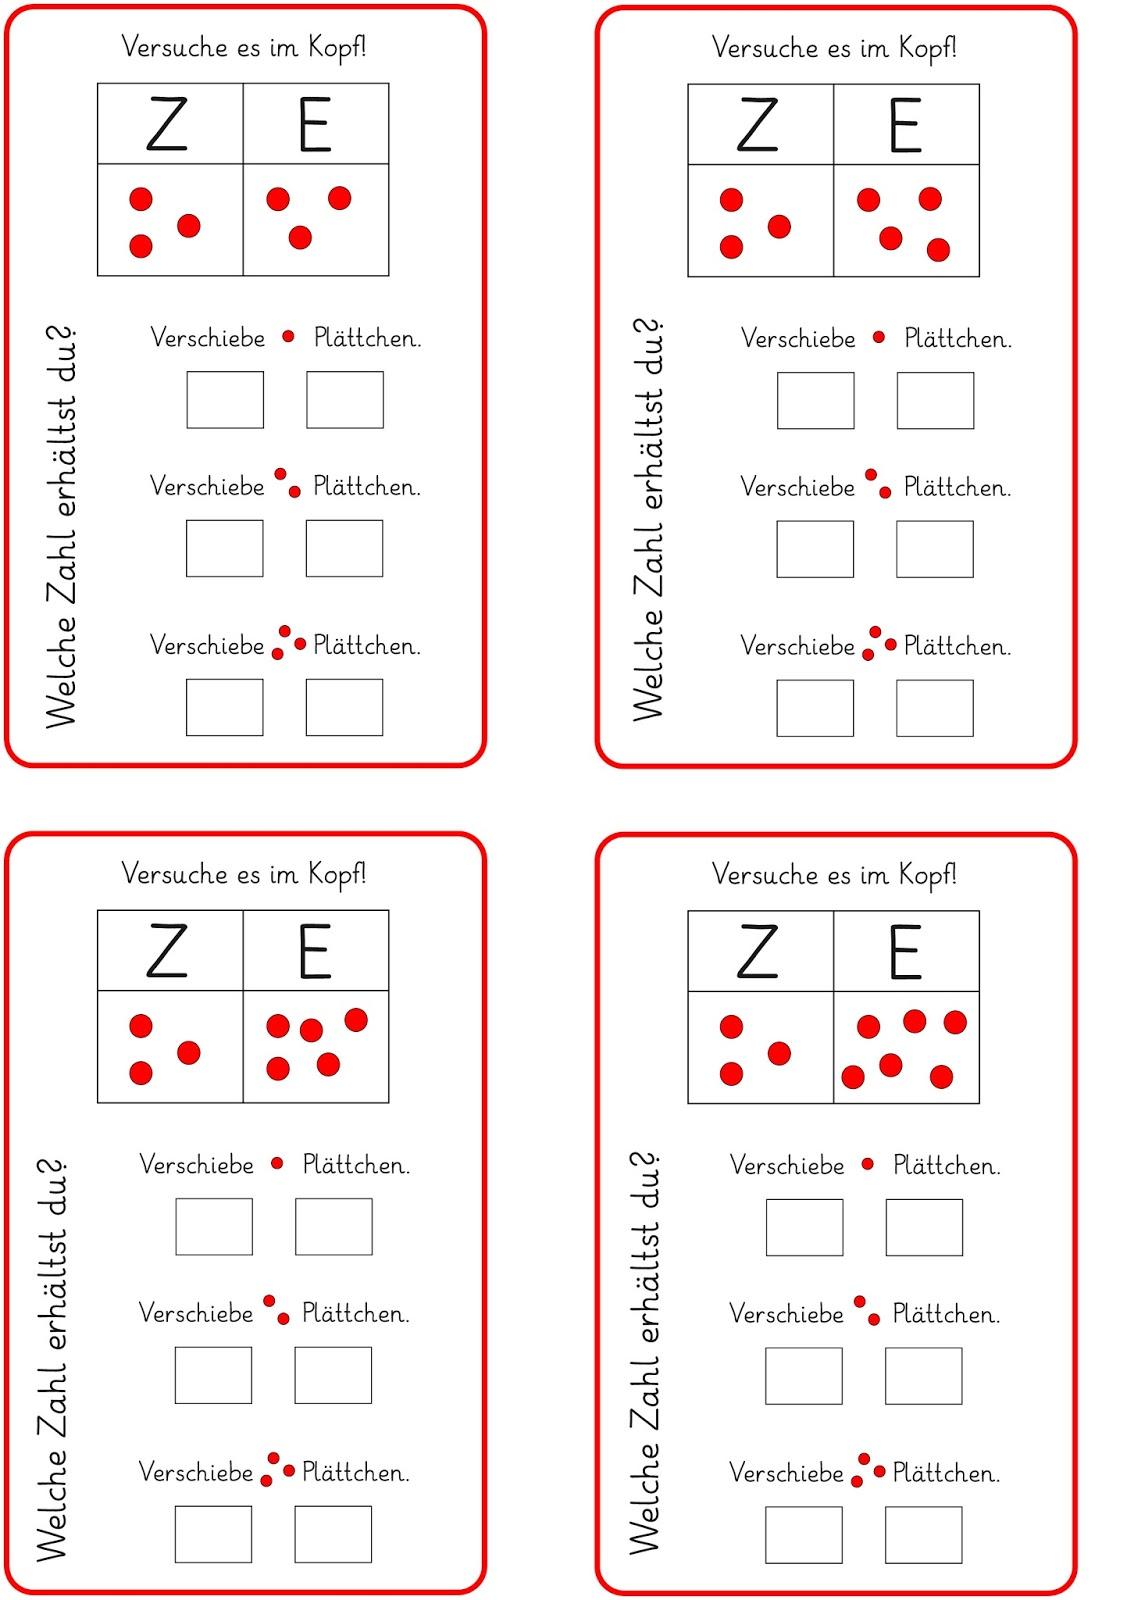 Lernstübchen: Plättchen in der Stellenwerttafel verschieben